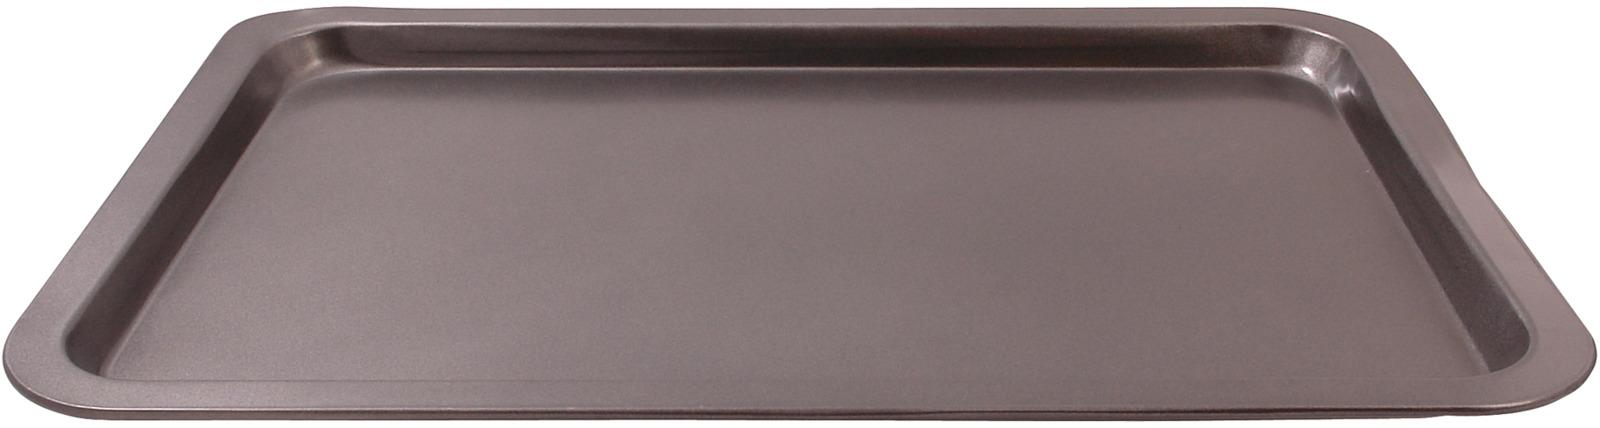 Противень для выпечки Leonord BS-001L, прямоугольный, 46,5 х 32,7 х 2,5 см